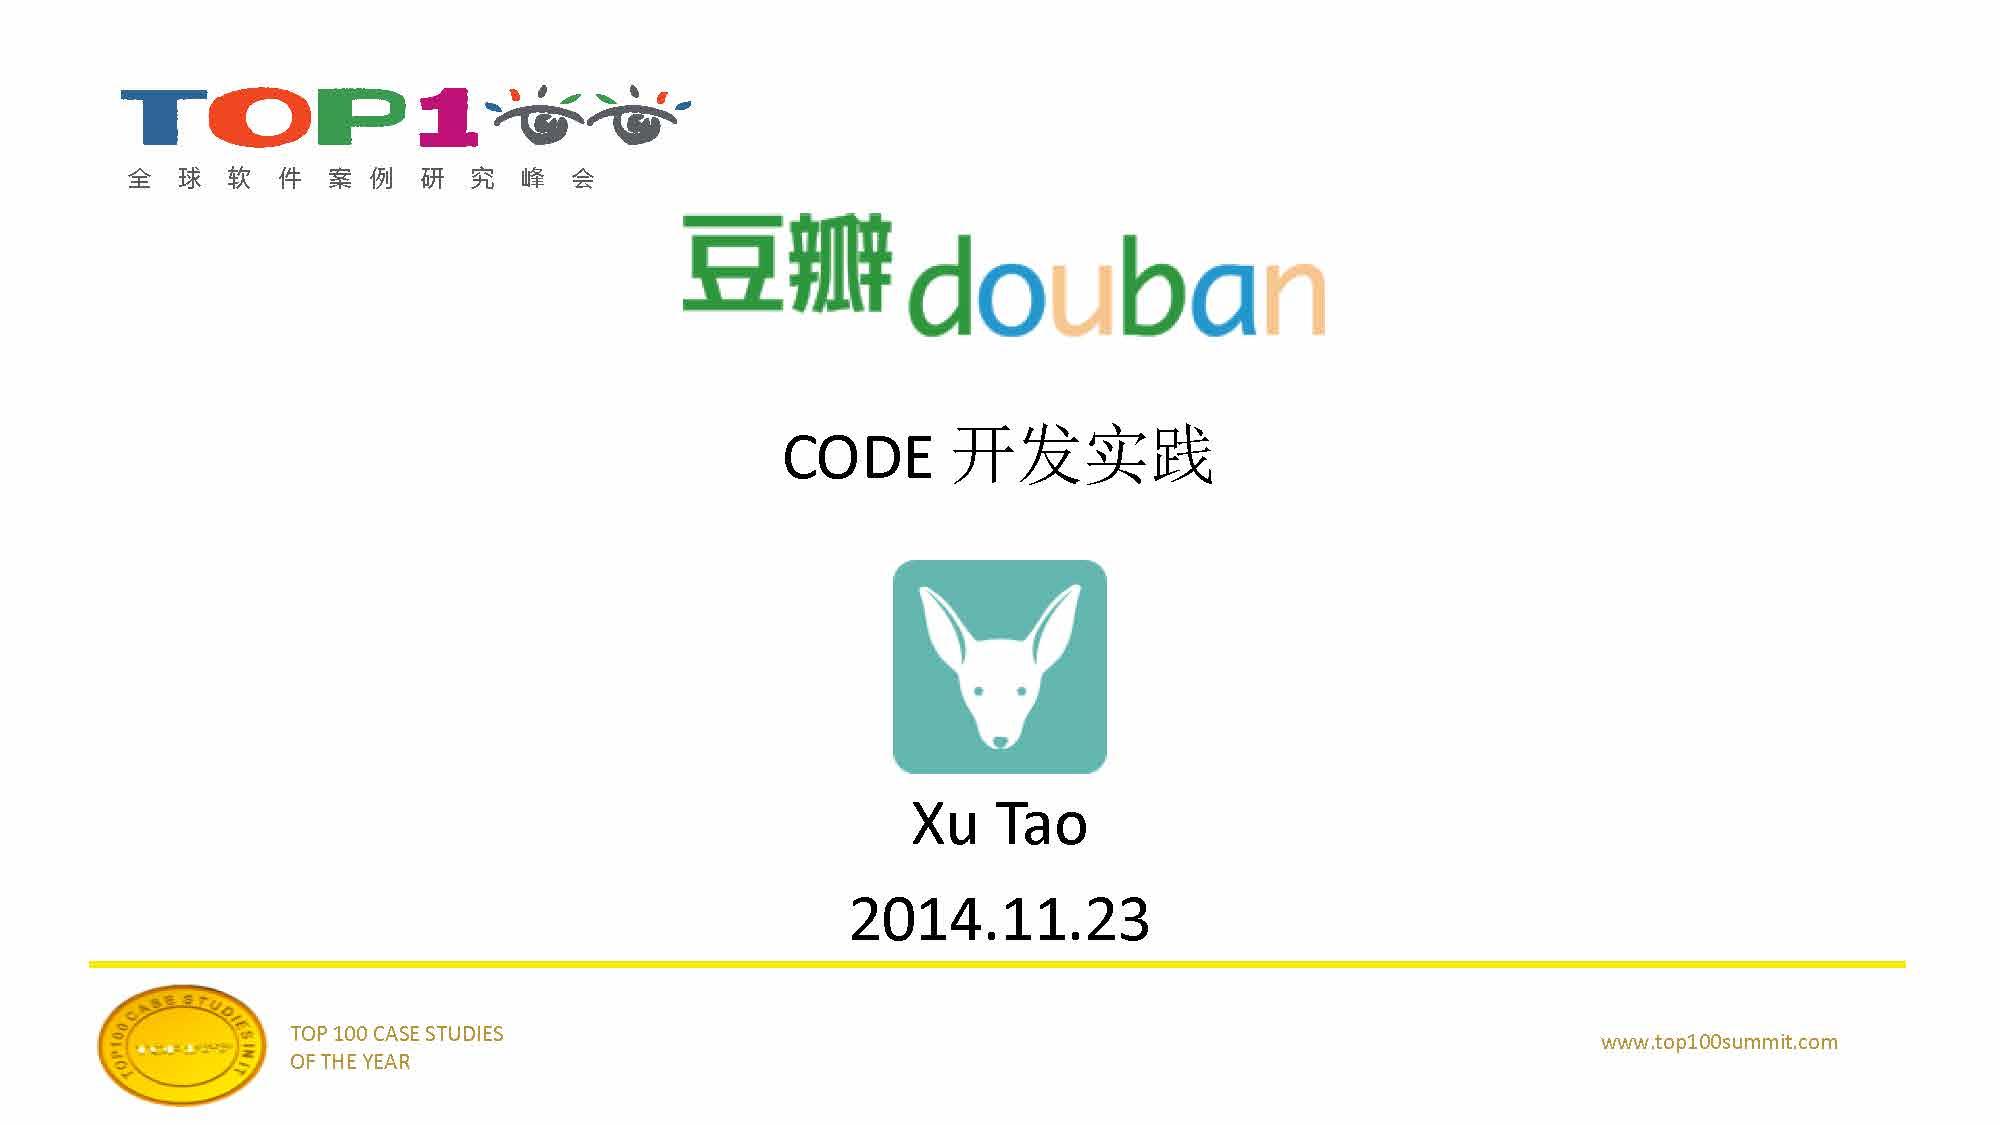 徐涛-CODE开发实践